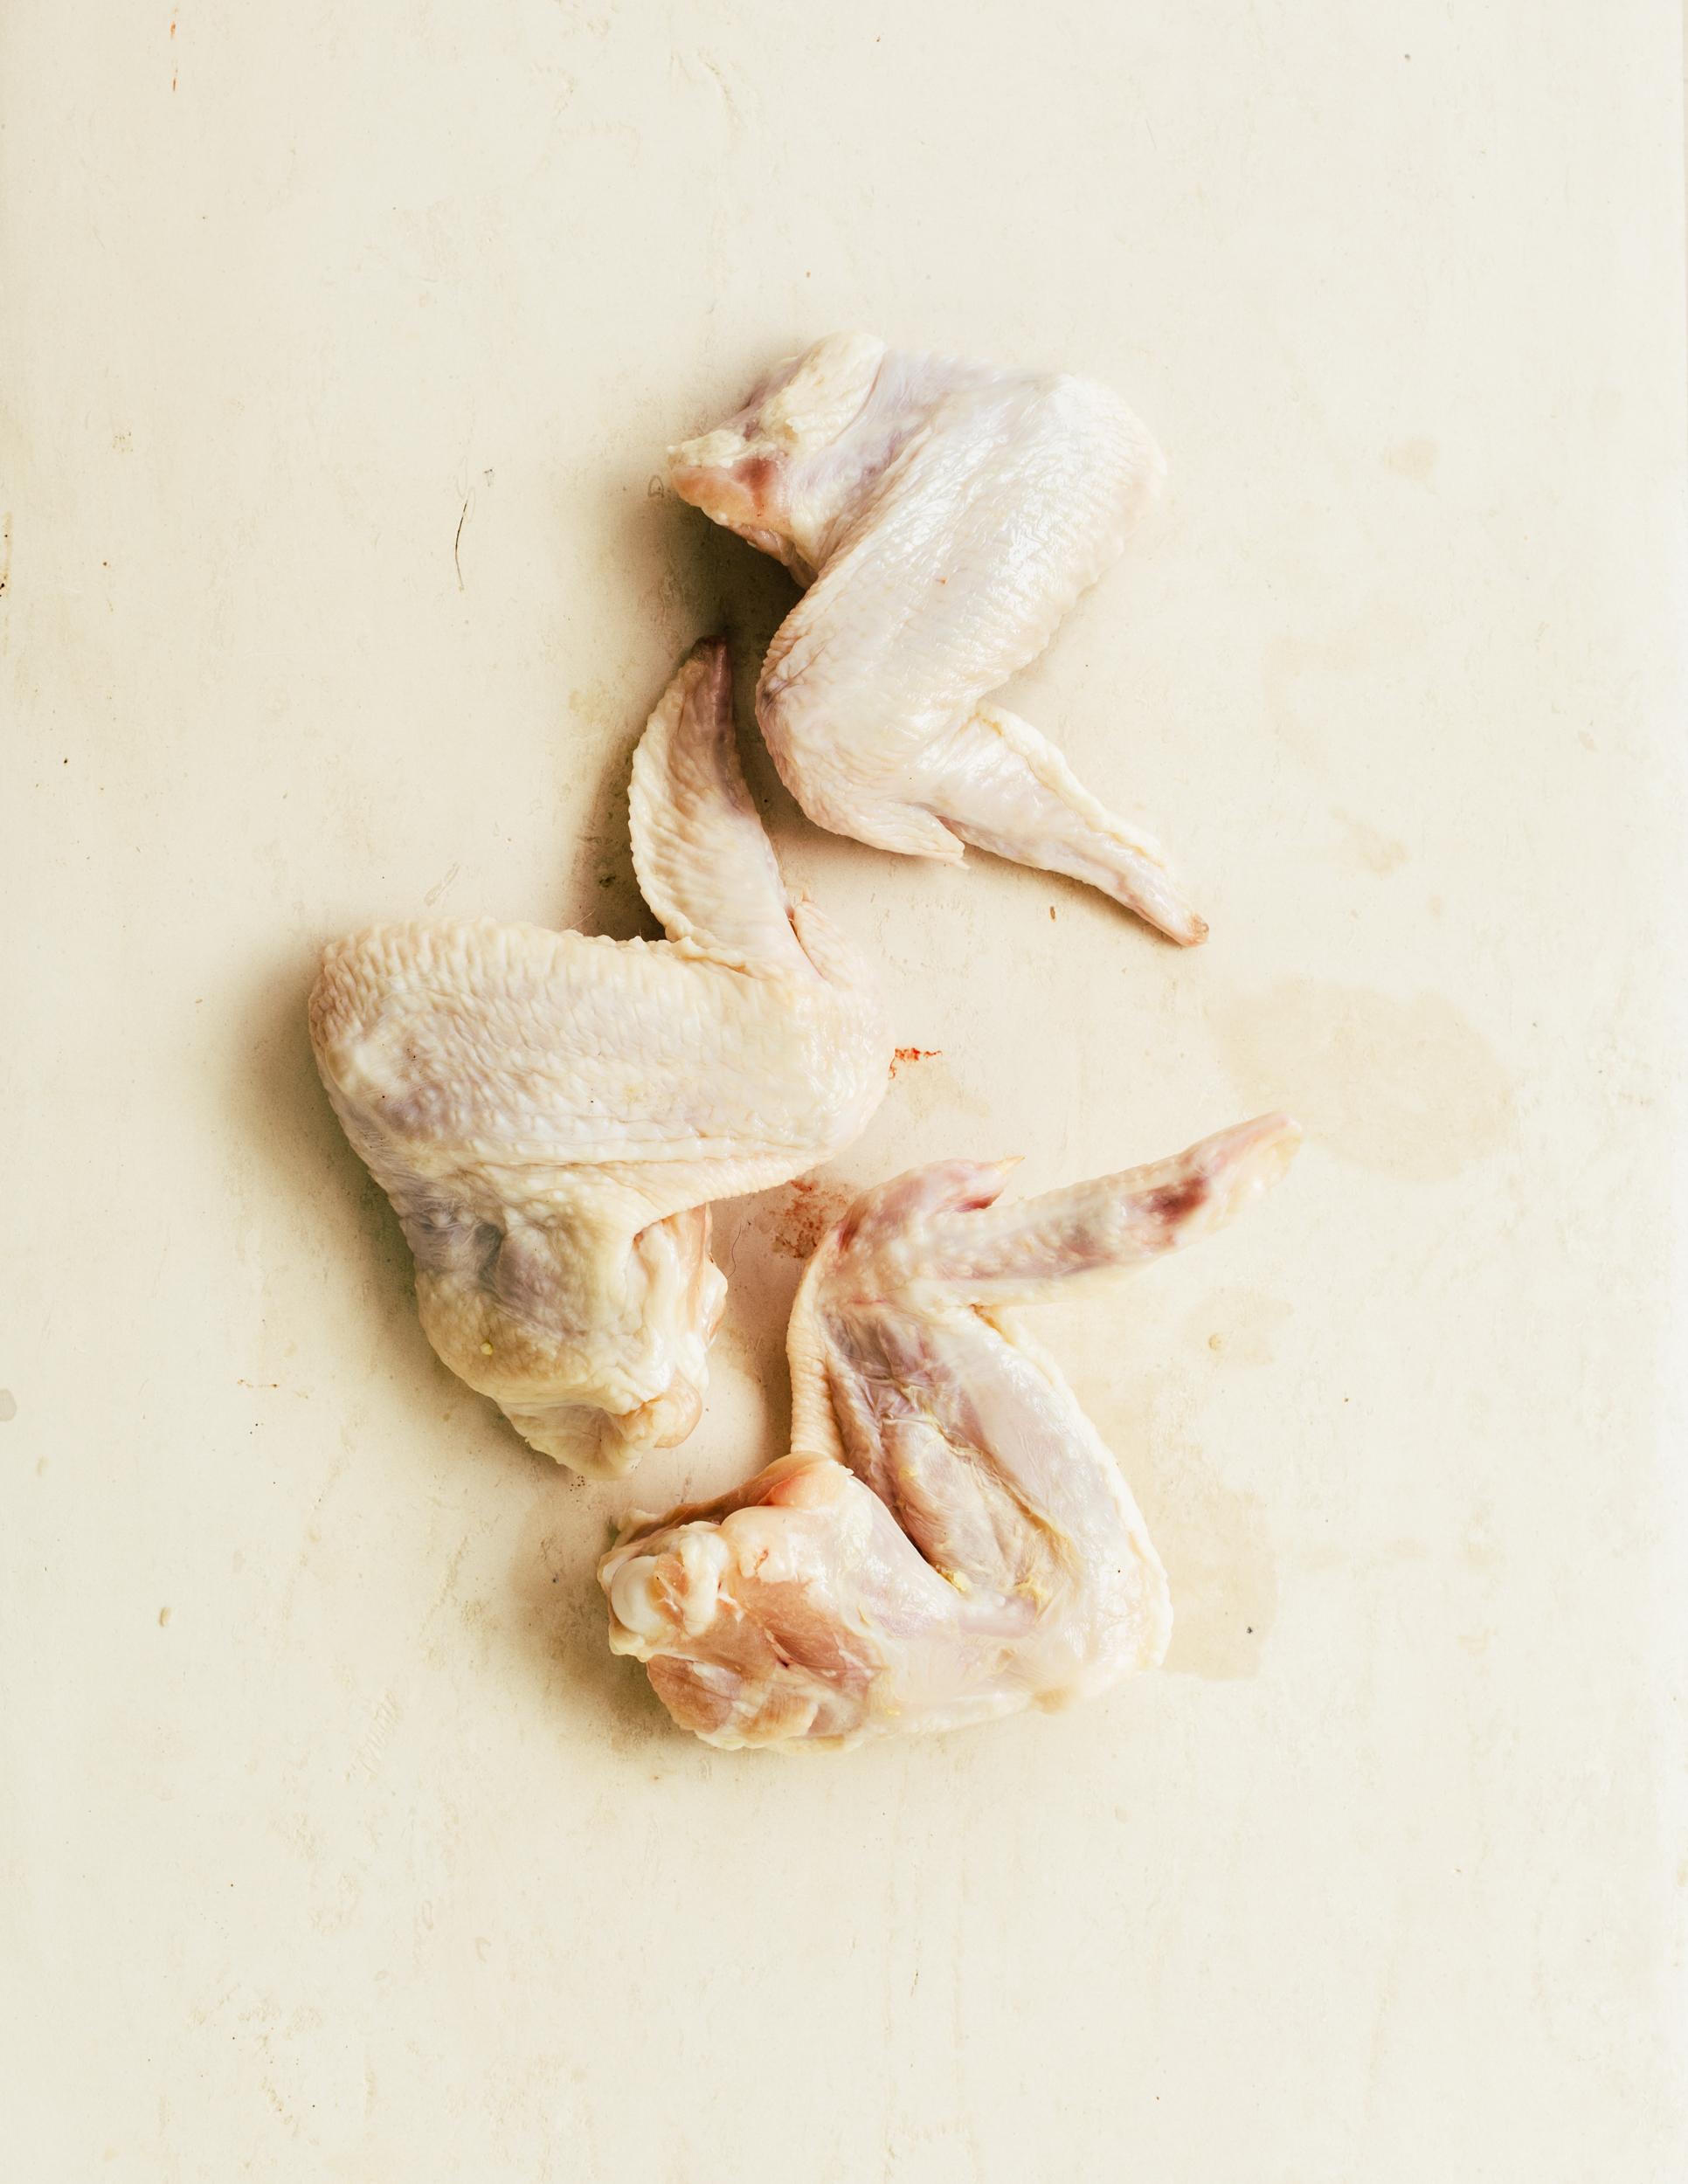 Ramen_ChickenWings-7282_WEB.jpg